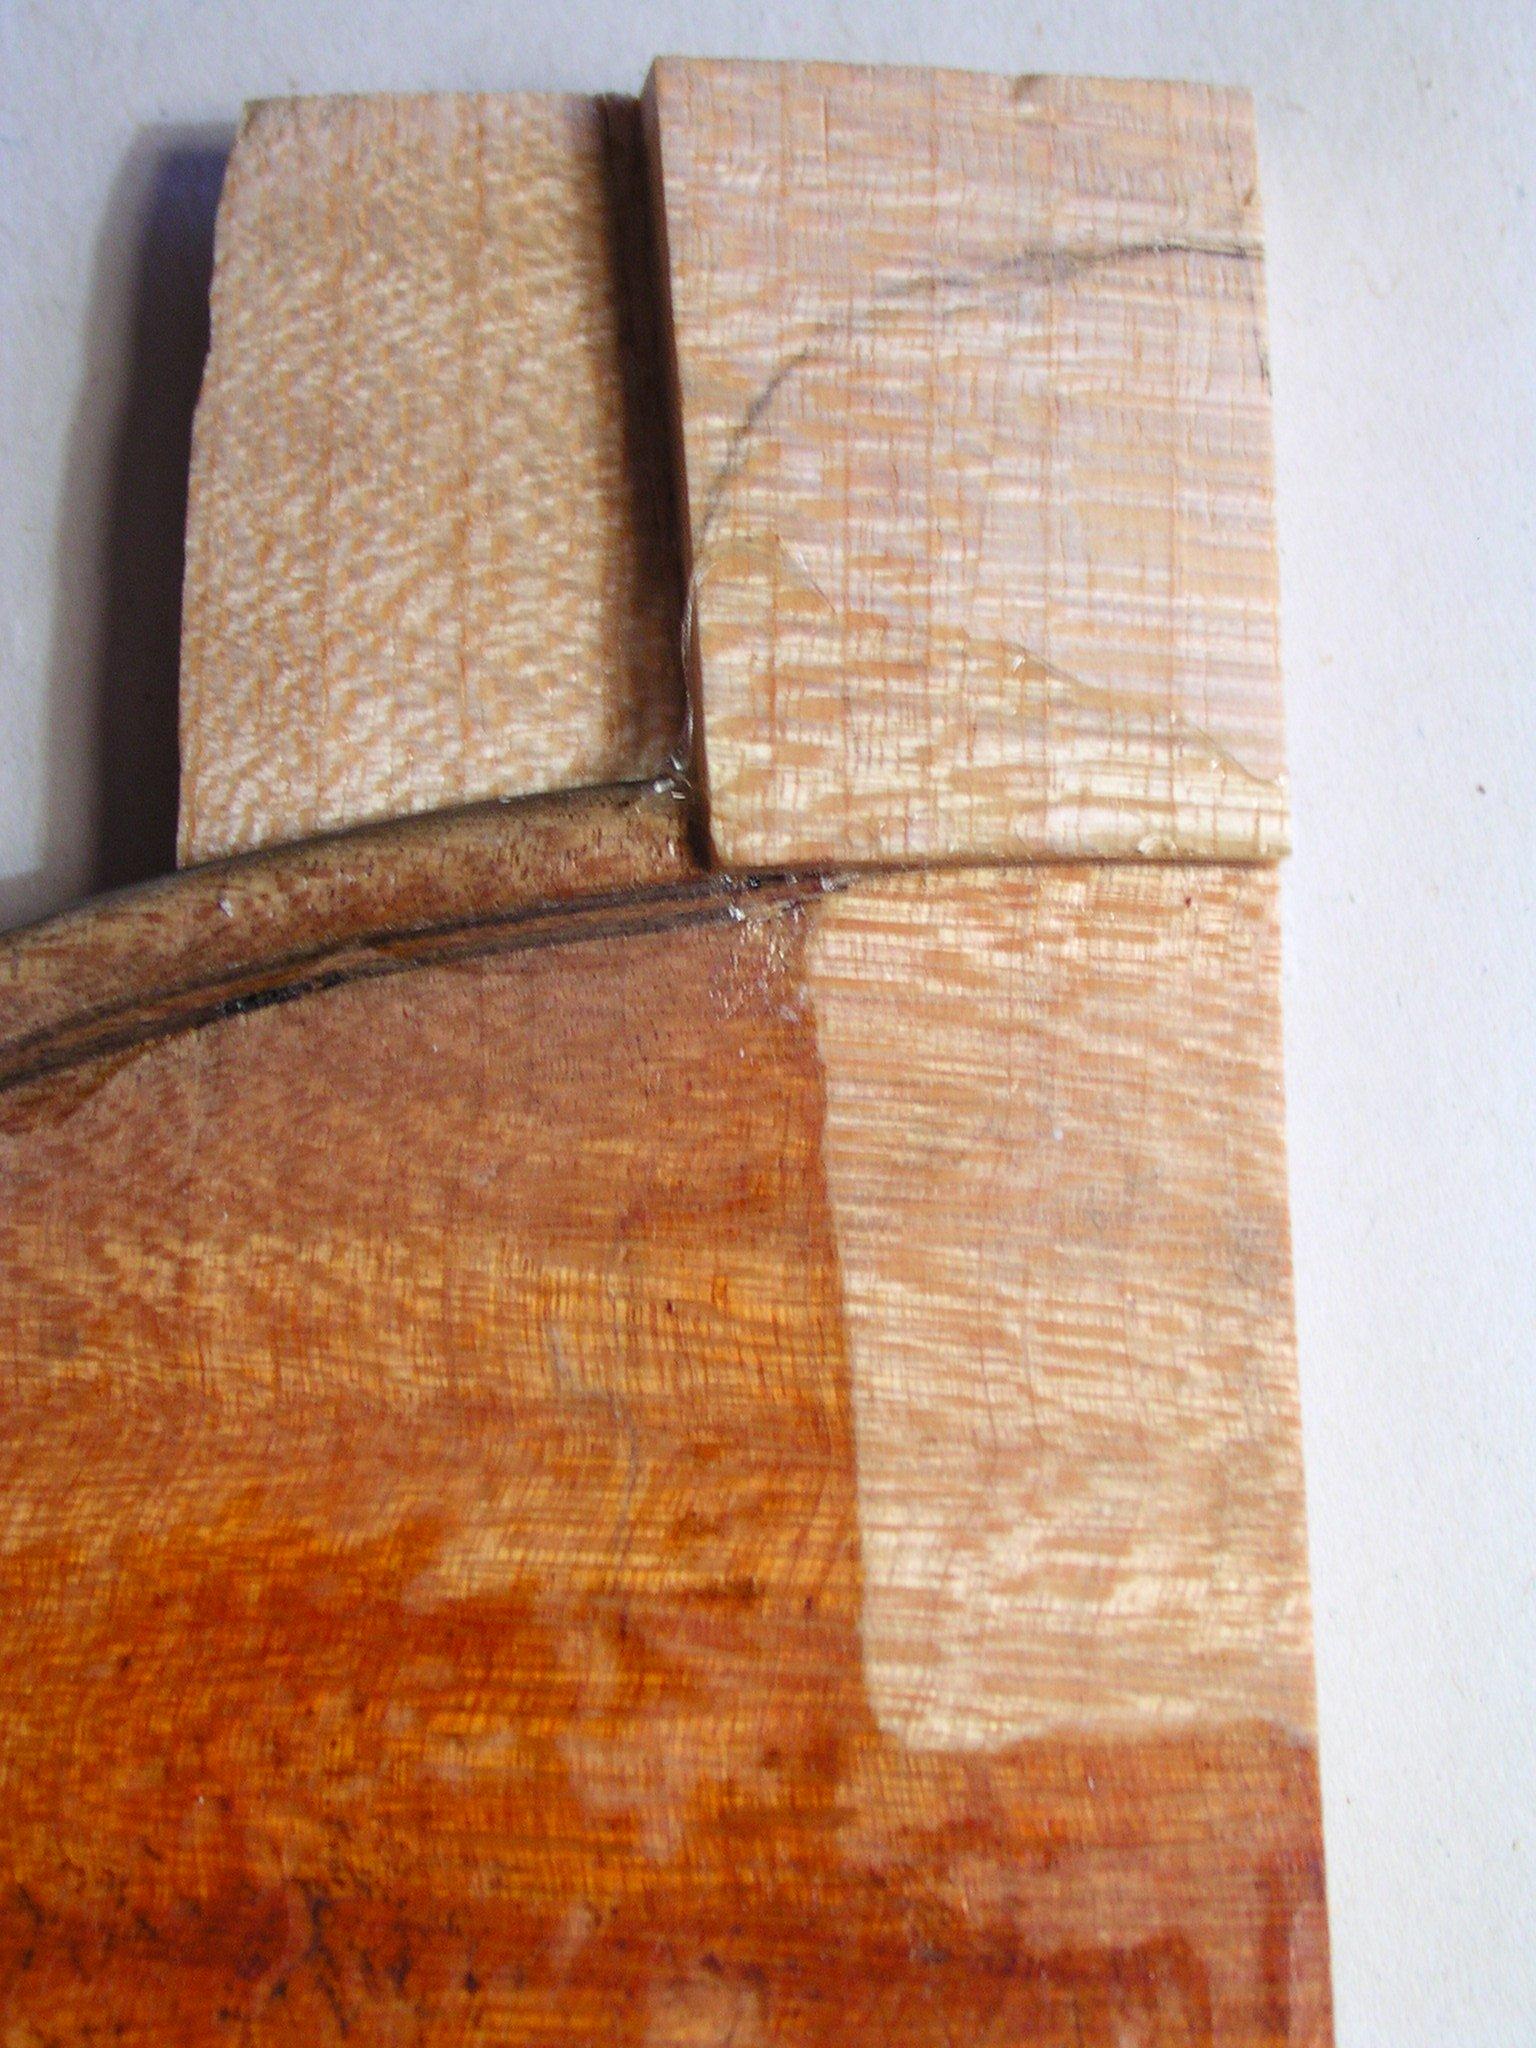 Futter und Zäpfchen aus einem neuen Stück Holz